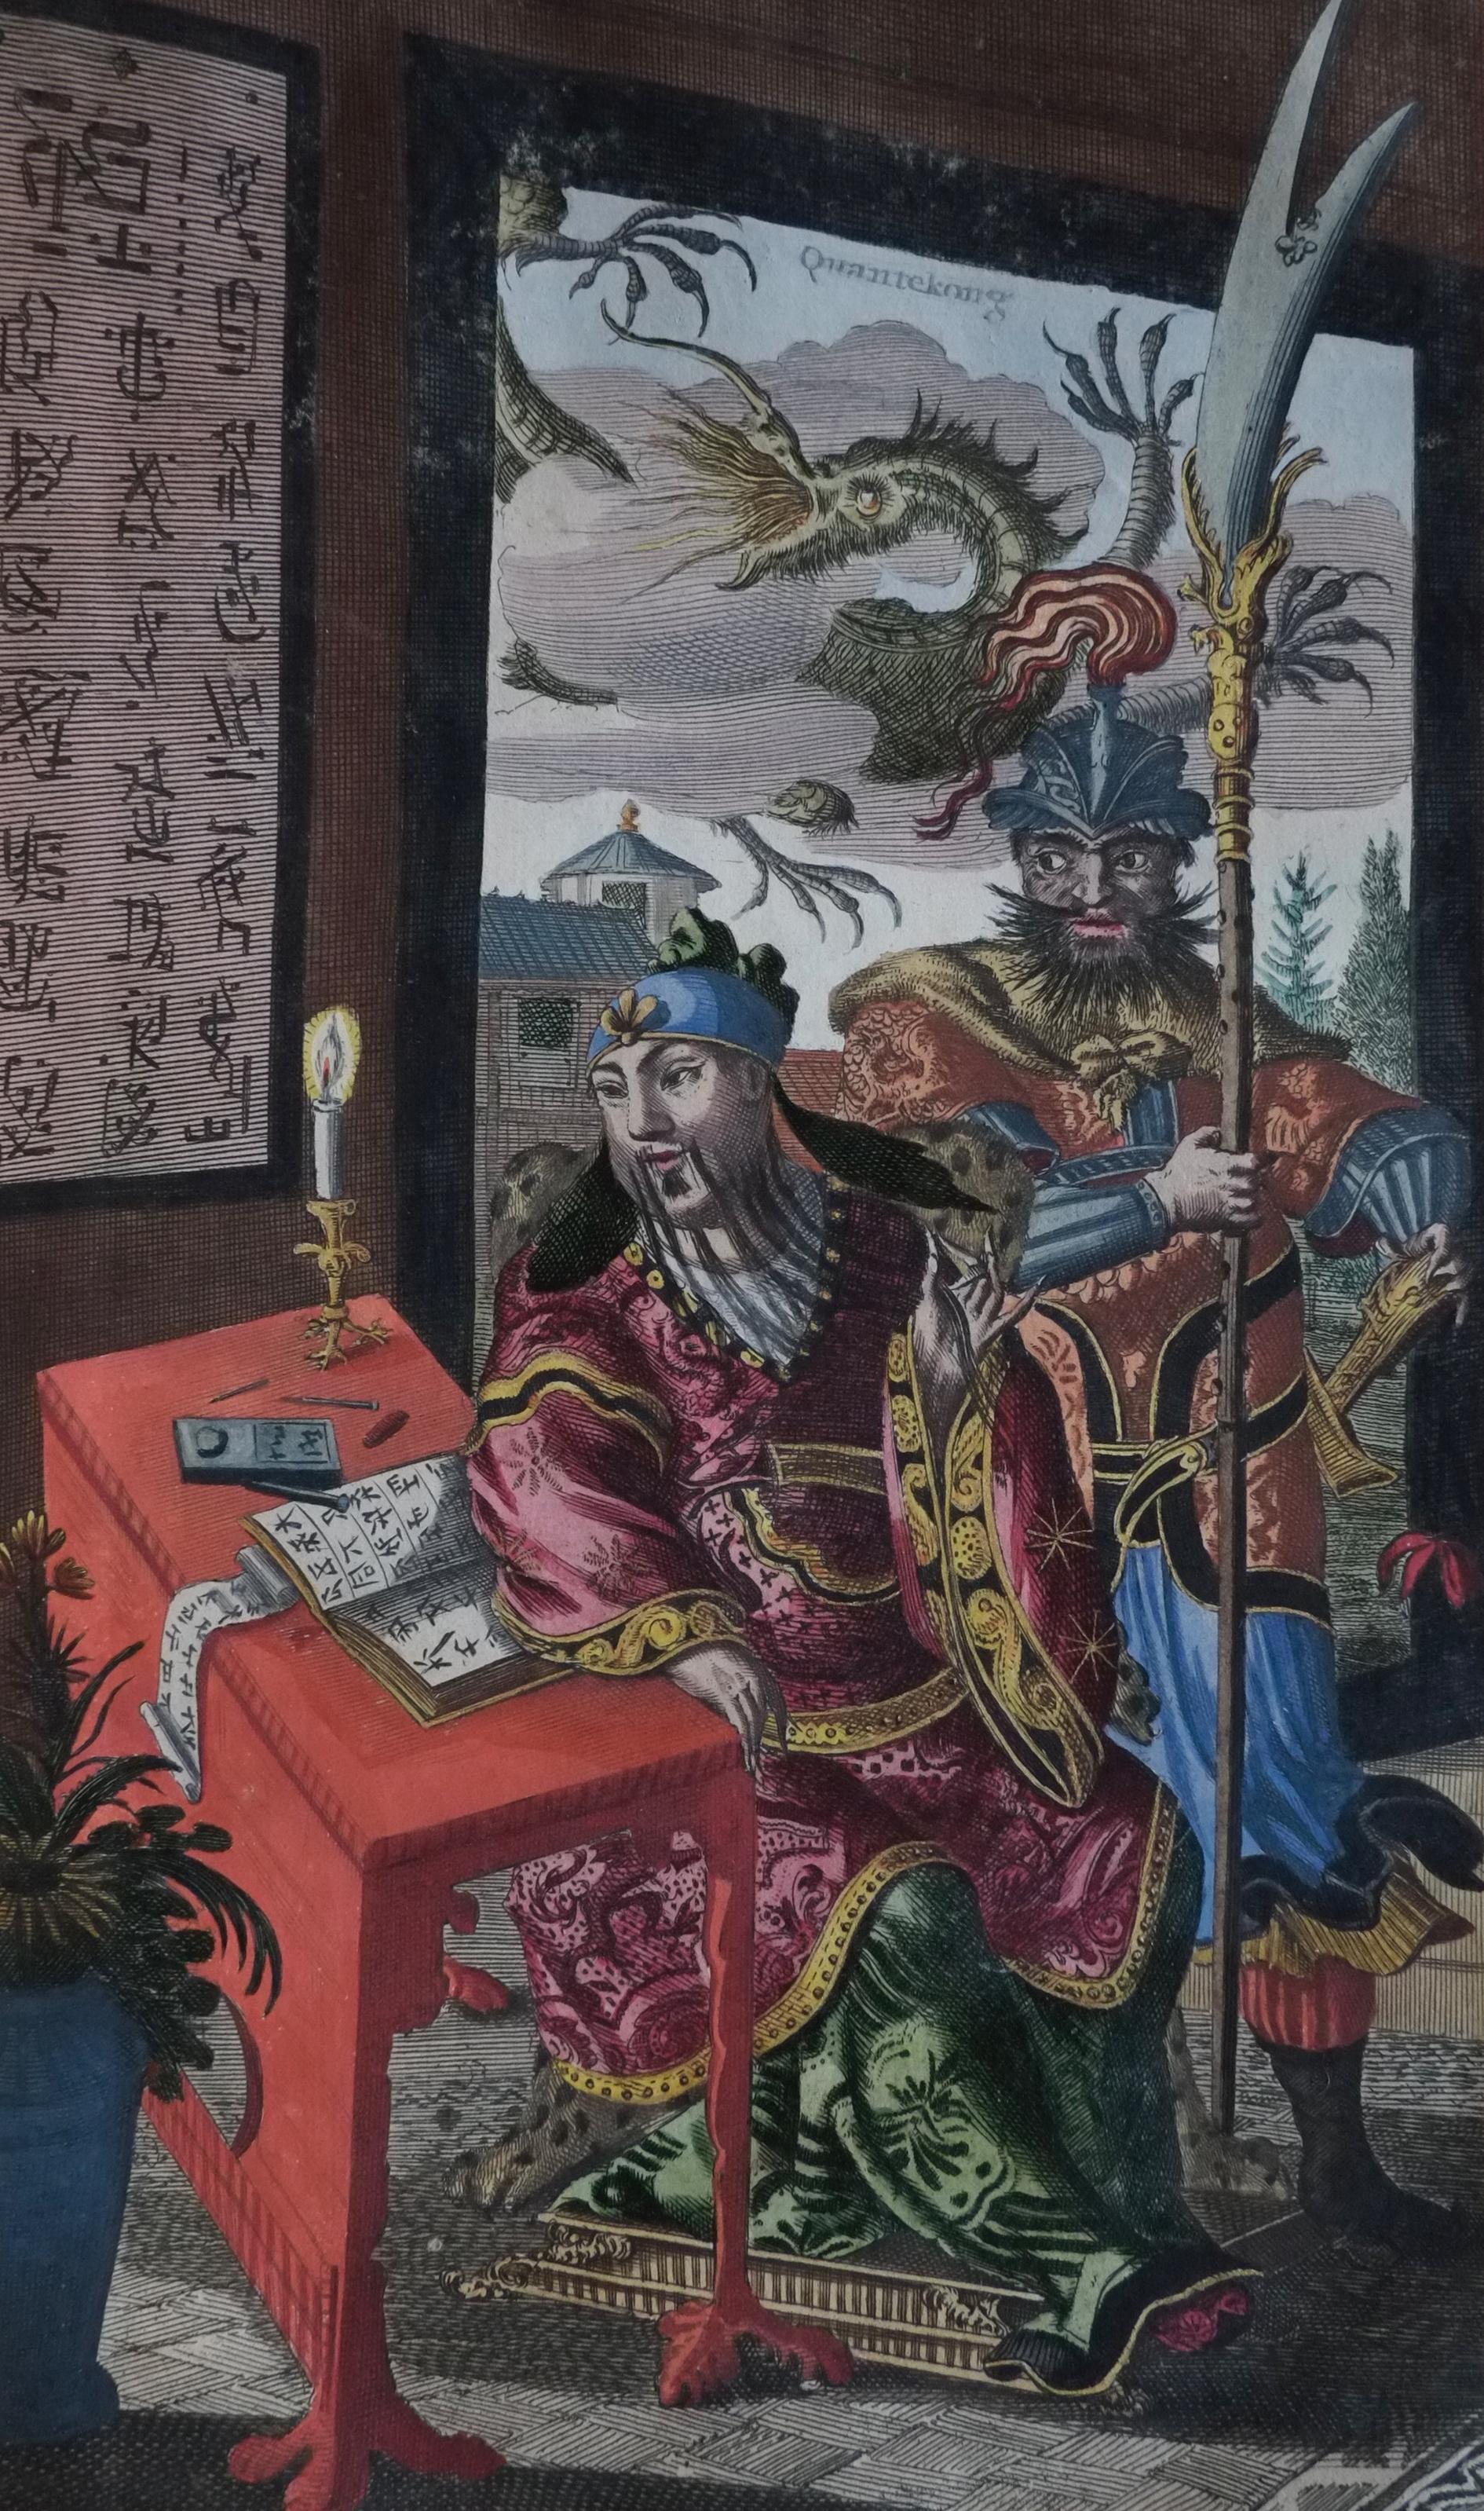 Anoniem, prent uit Olfert Dapper, Gedenkwaerdig bedryf in het Keizerrijk van Taising of Sina, 1670, Bijzondere Collecties, Universiteit van Amsterdam